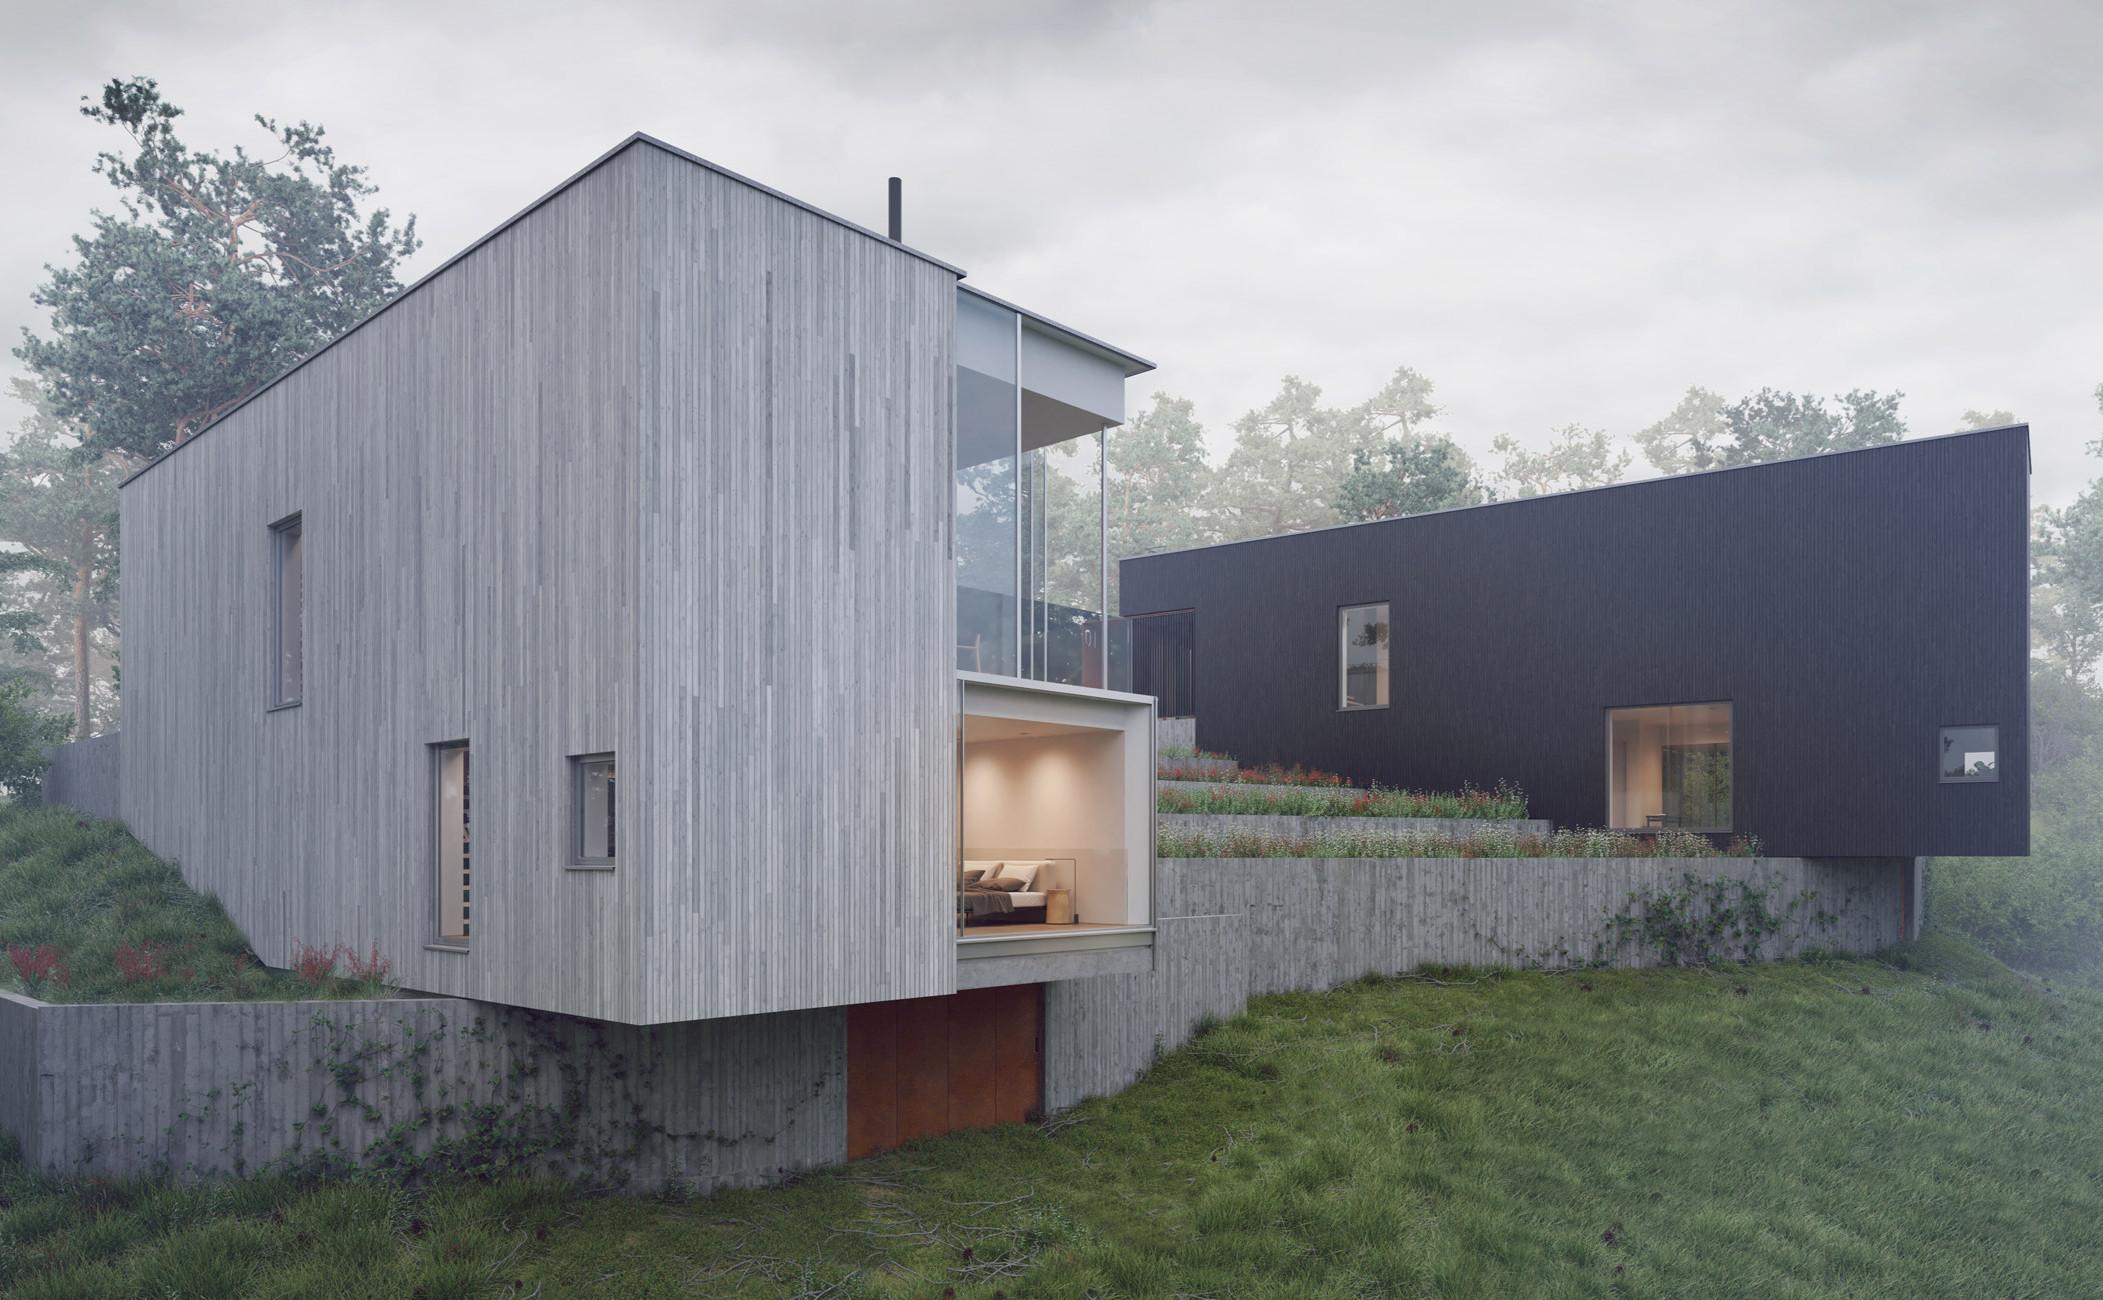 pyrus-strom-architects-architecture-residential-sweden_dezeen_hero-1